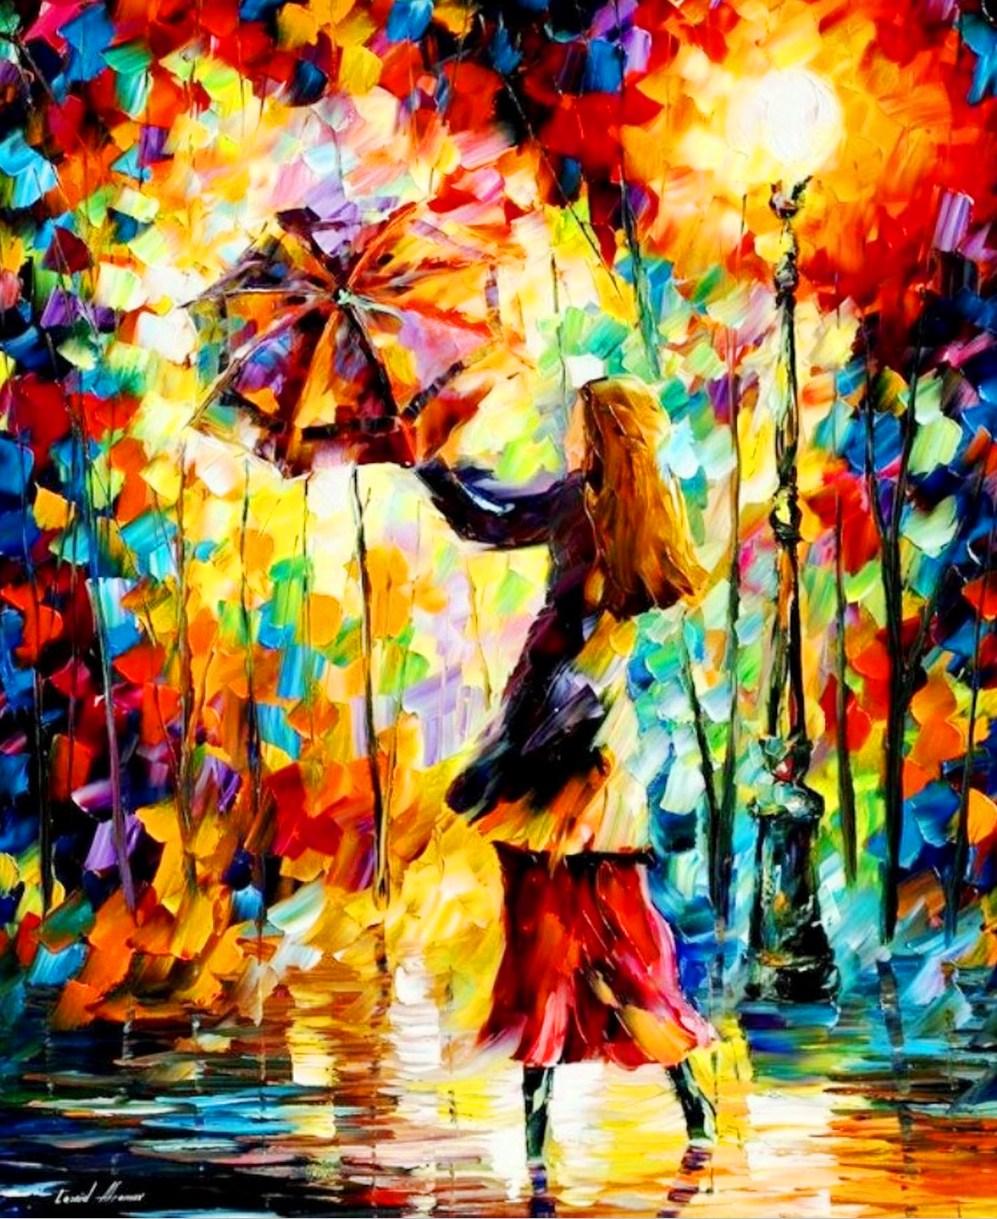 Pinturas cuadros lienzos pinturas al oleo con espatula - Pinturas de pared colores ...